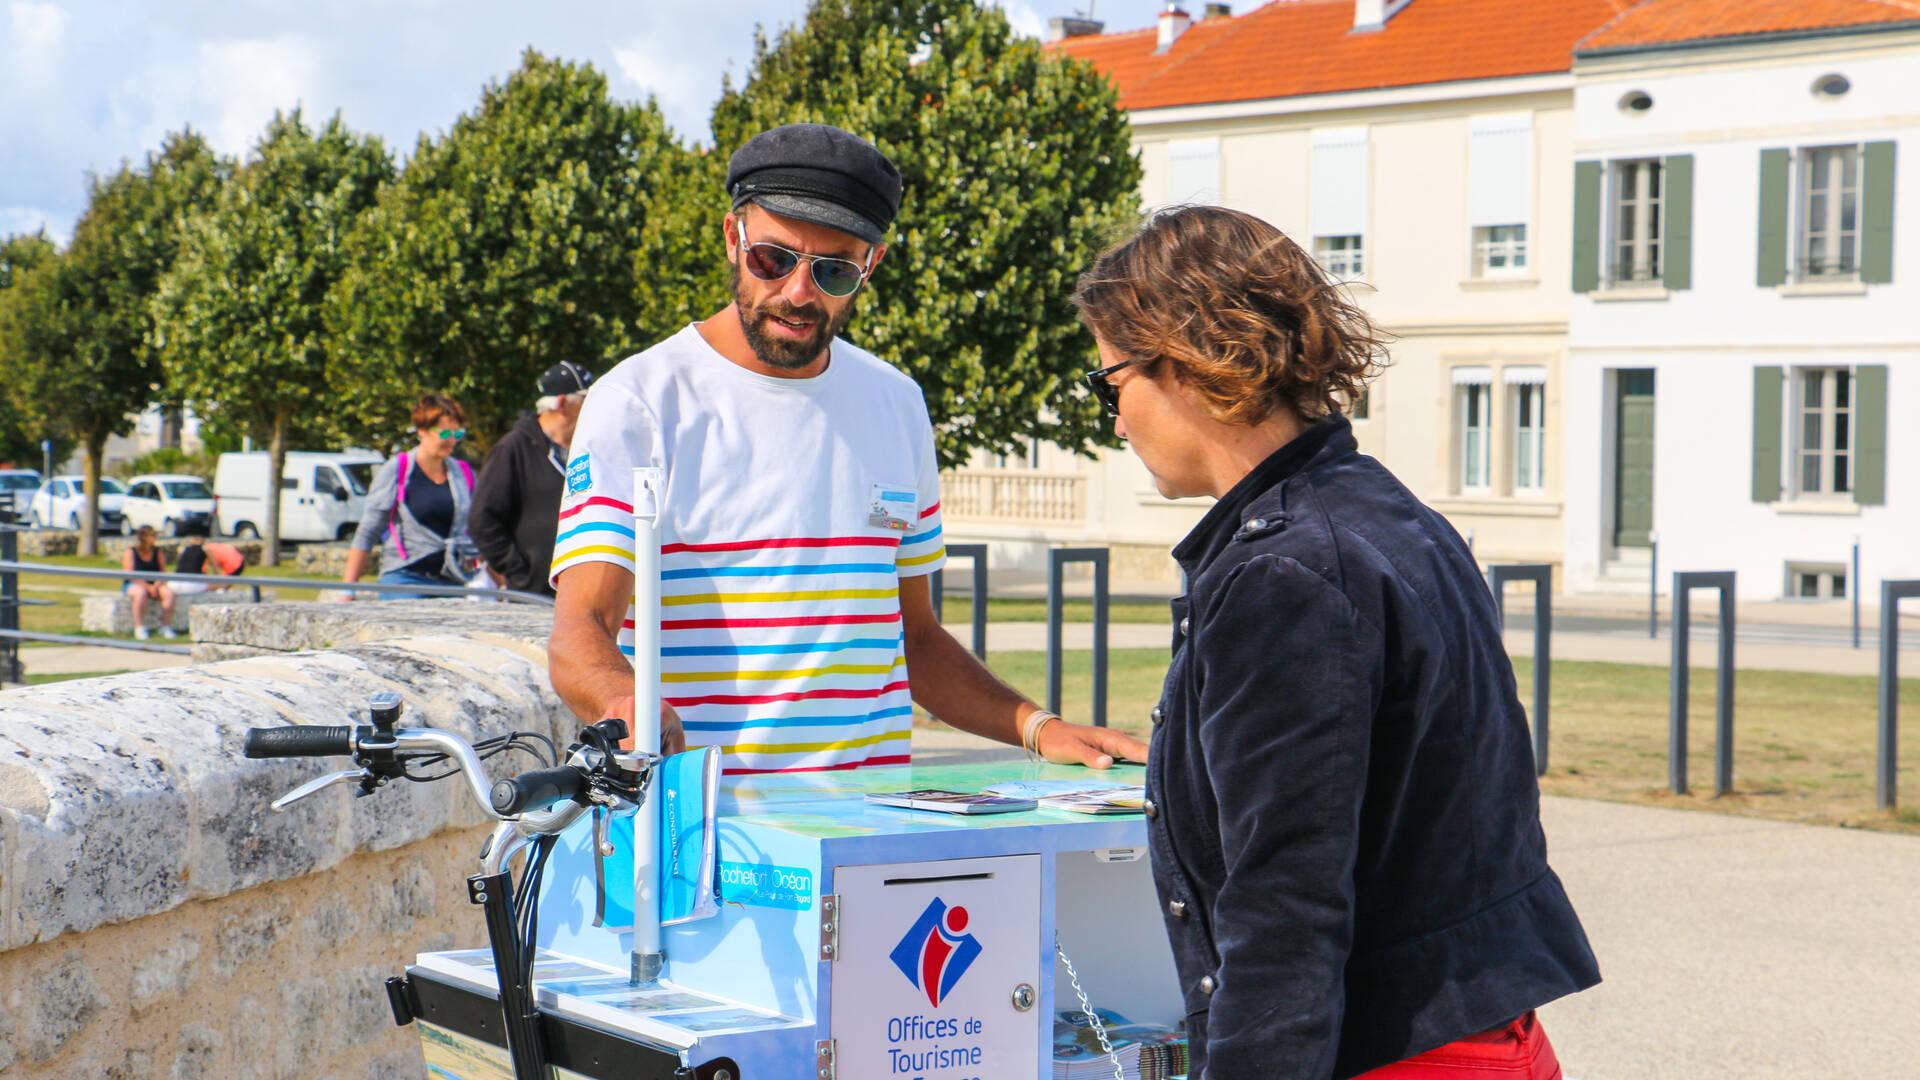 Ludovic vous conseille et vous guide le temps de votre séjour - © Office de tourisme Rochefort Océan